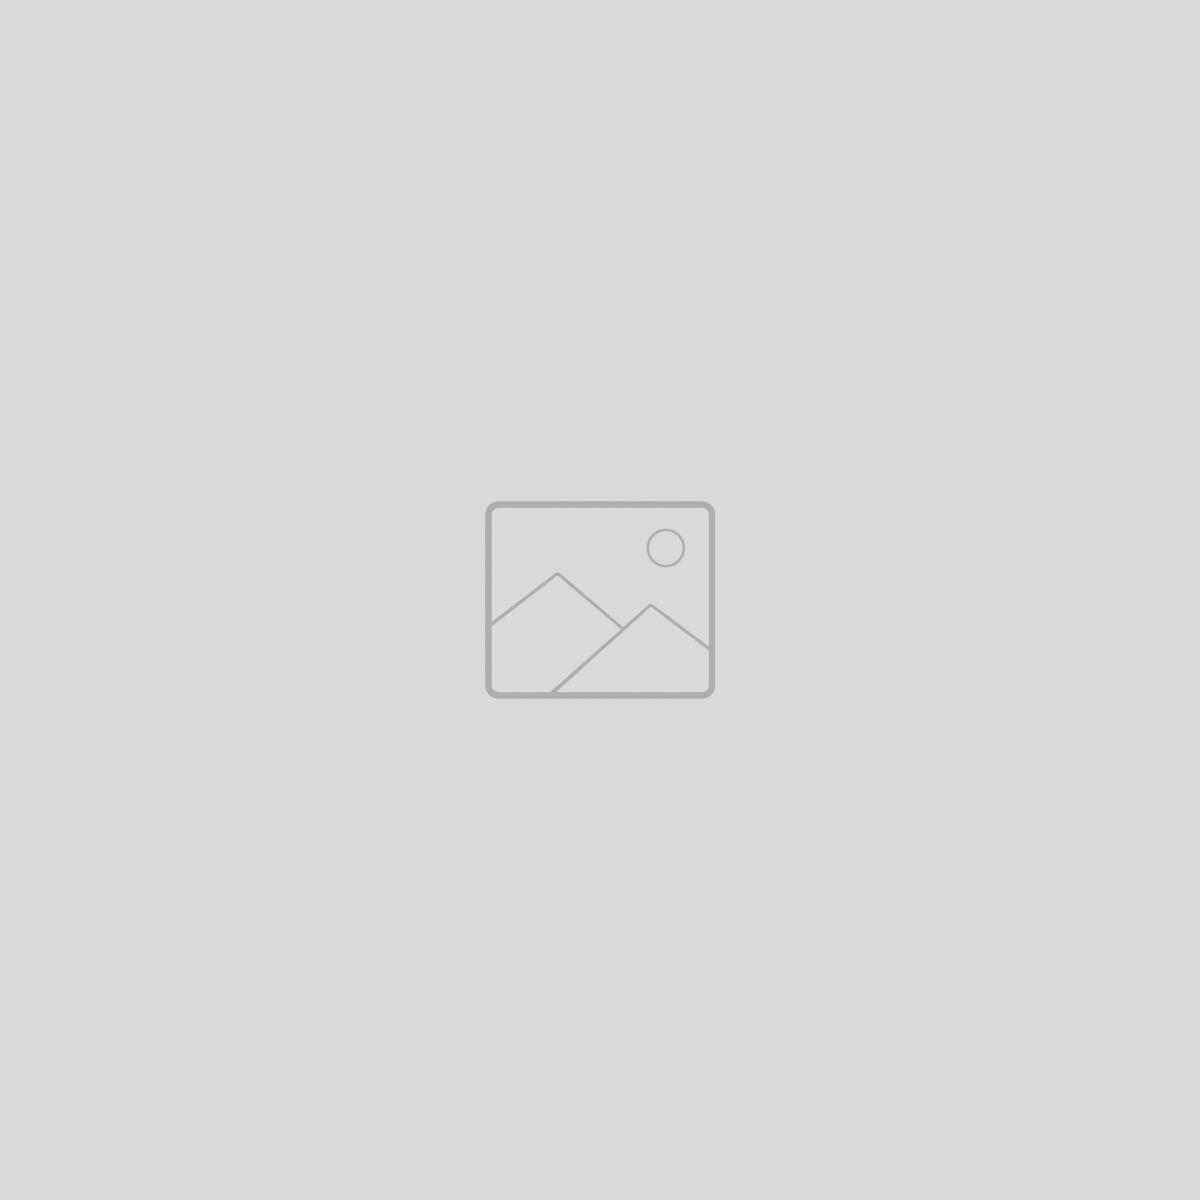 لصقة حماية الشاشة كاملة 5D أبيض سامسونج J7 J700